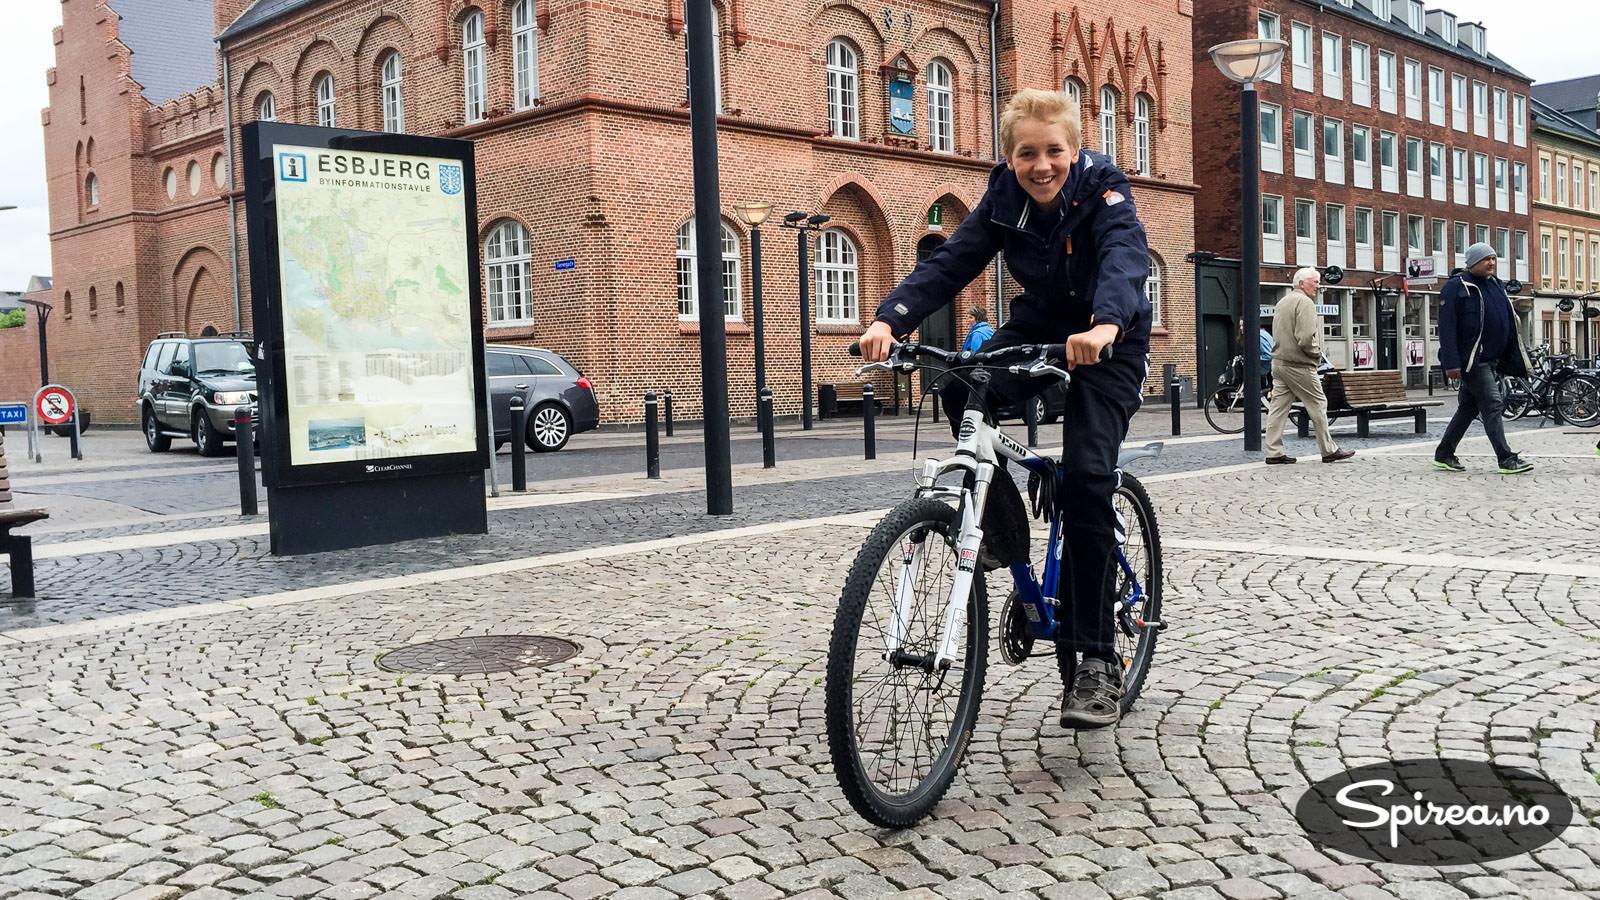 Henrik prøver sykkelen på de brosteinsbelagte gatene i Esbjerg.